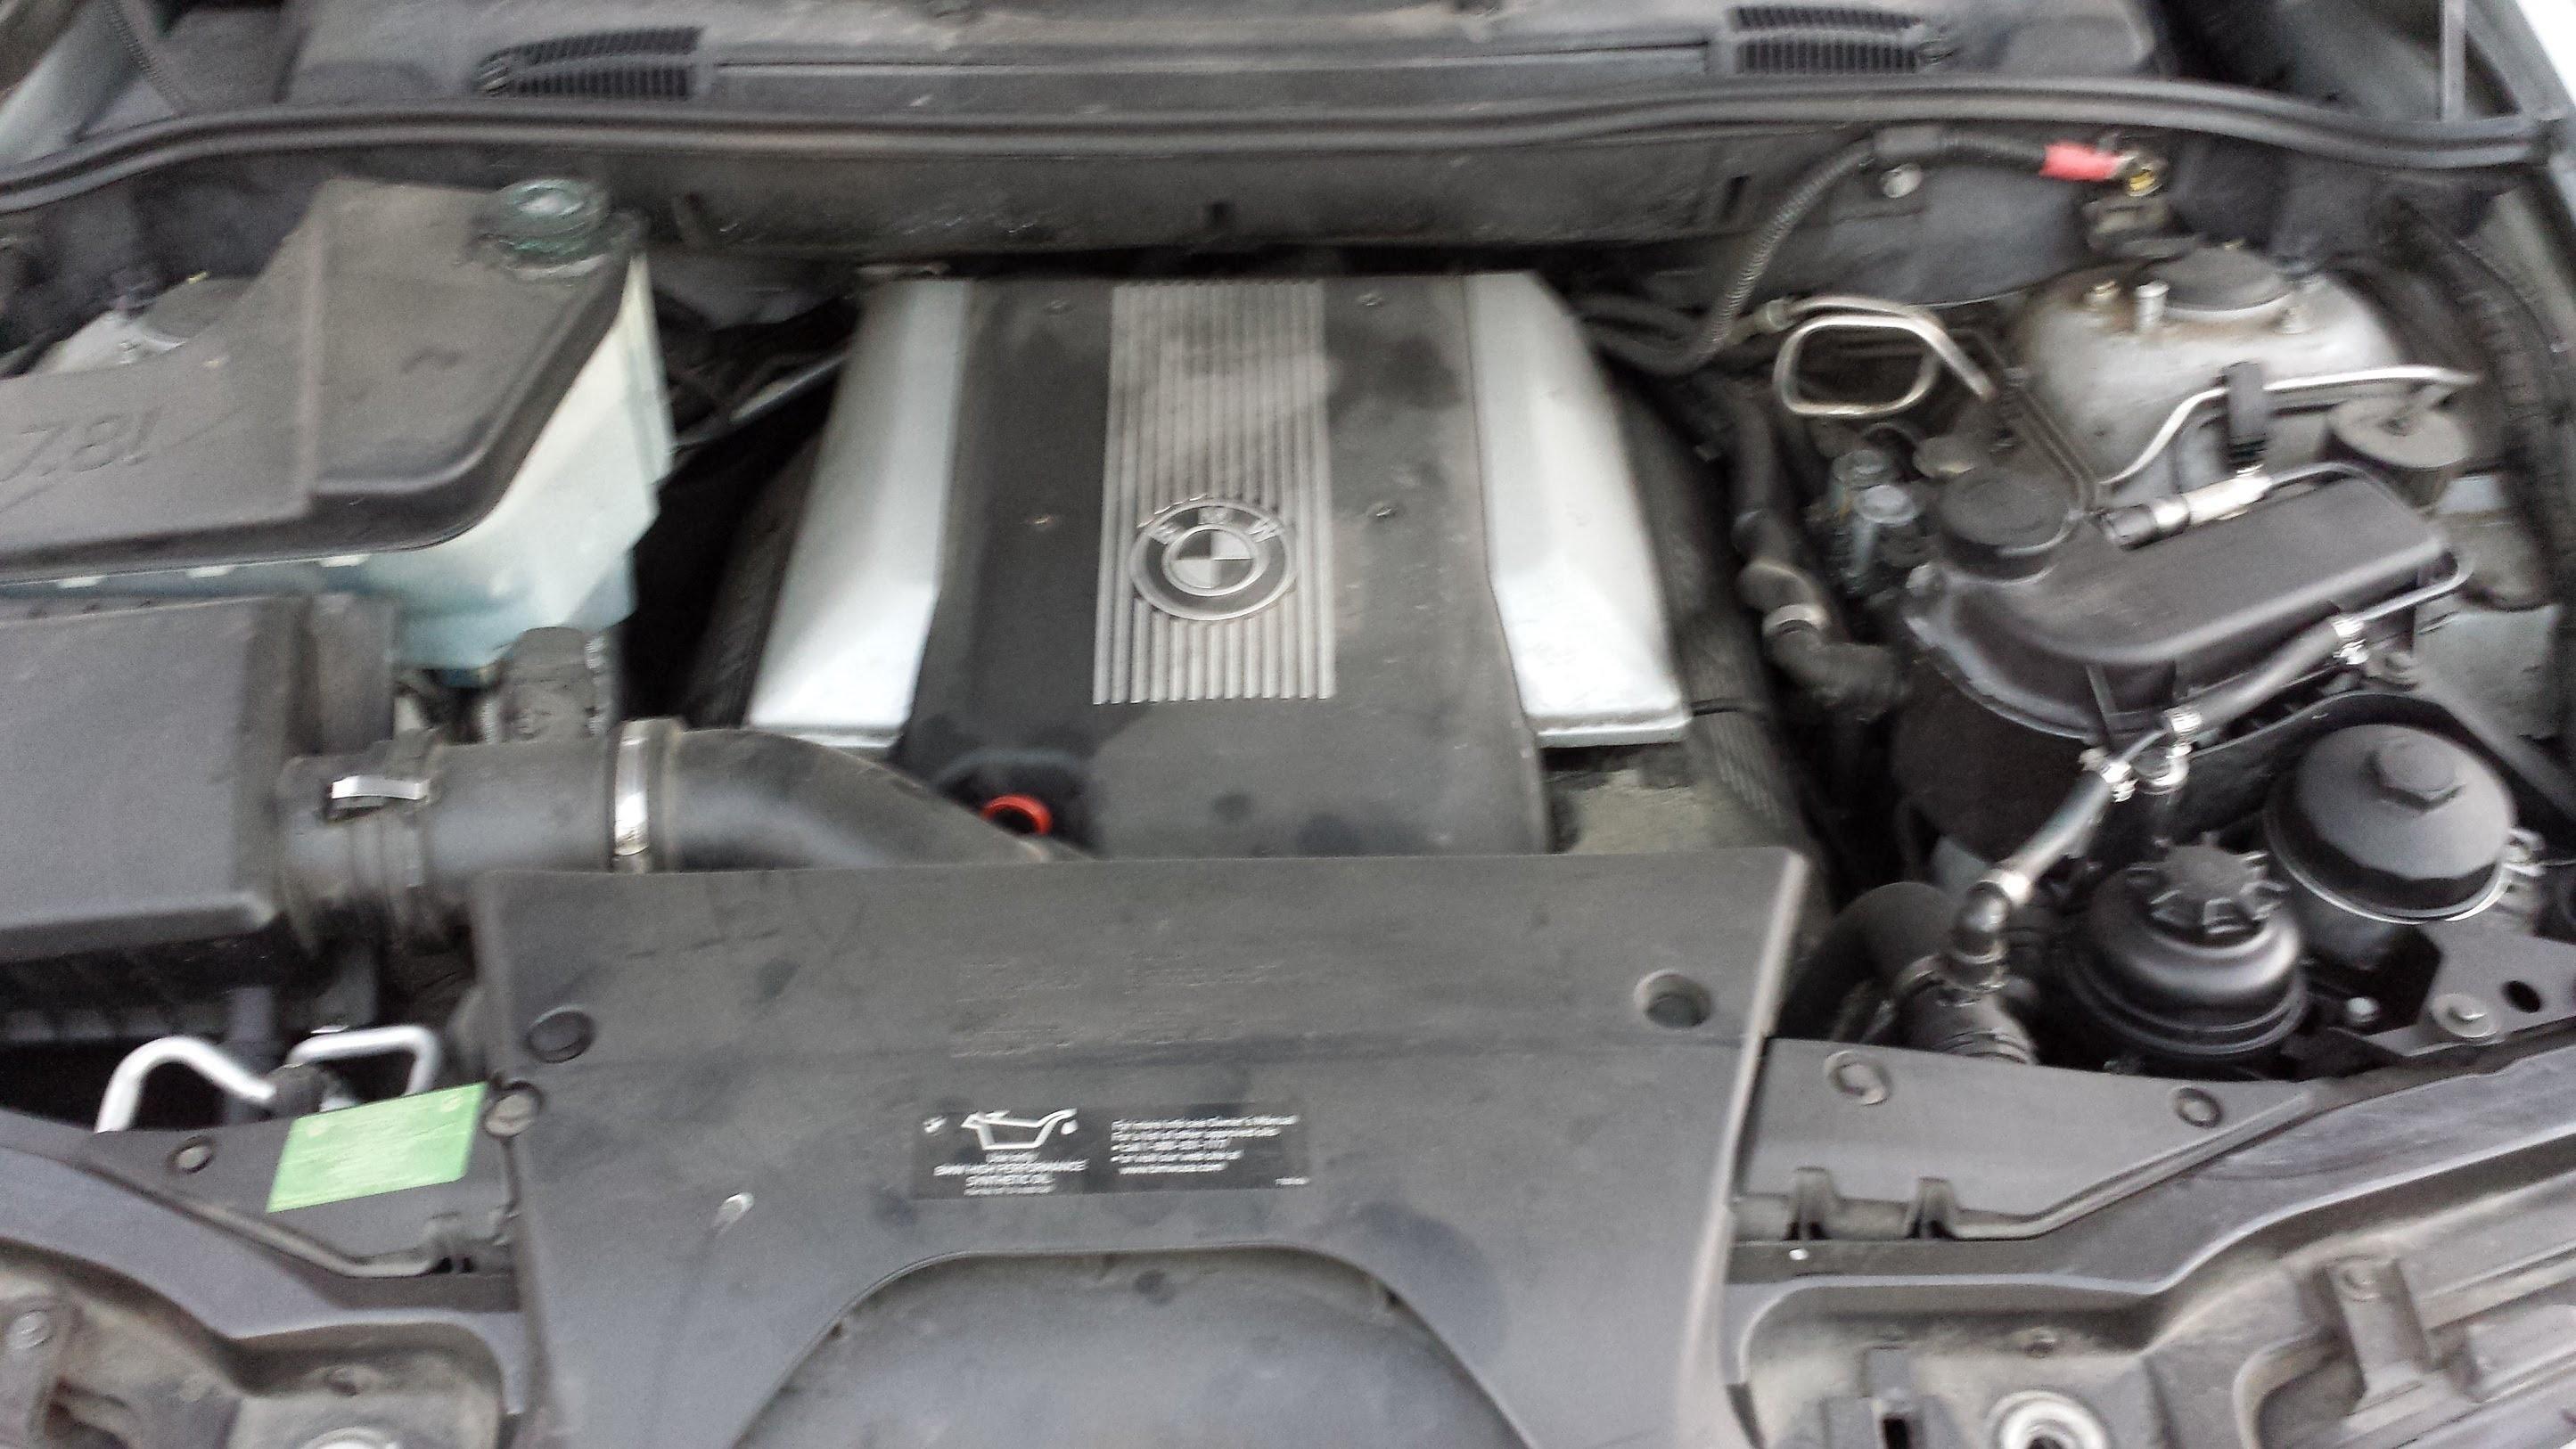 Bmw E38 Parts Diagram Bmw E53 X5 4 4 Vanos Engine Diagram Of Bmw E38 Parts Diagram